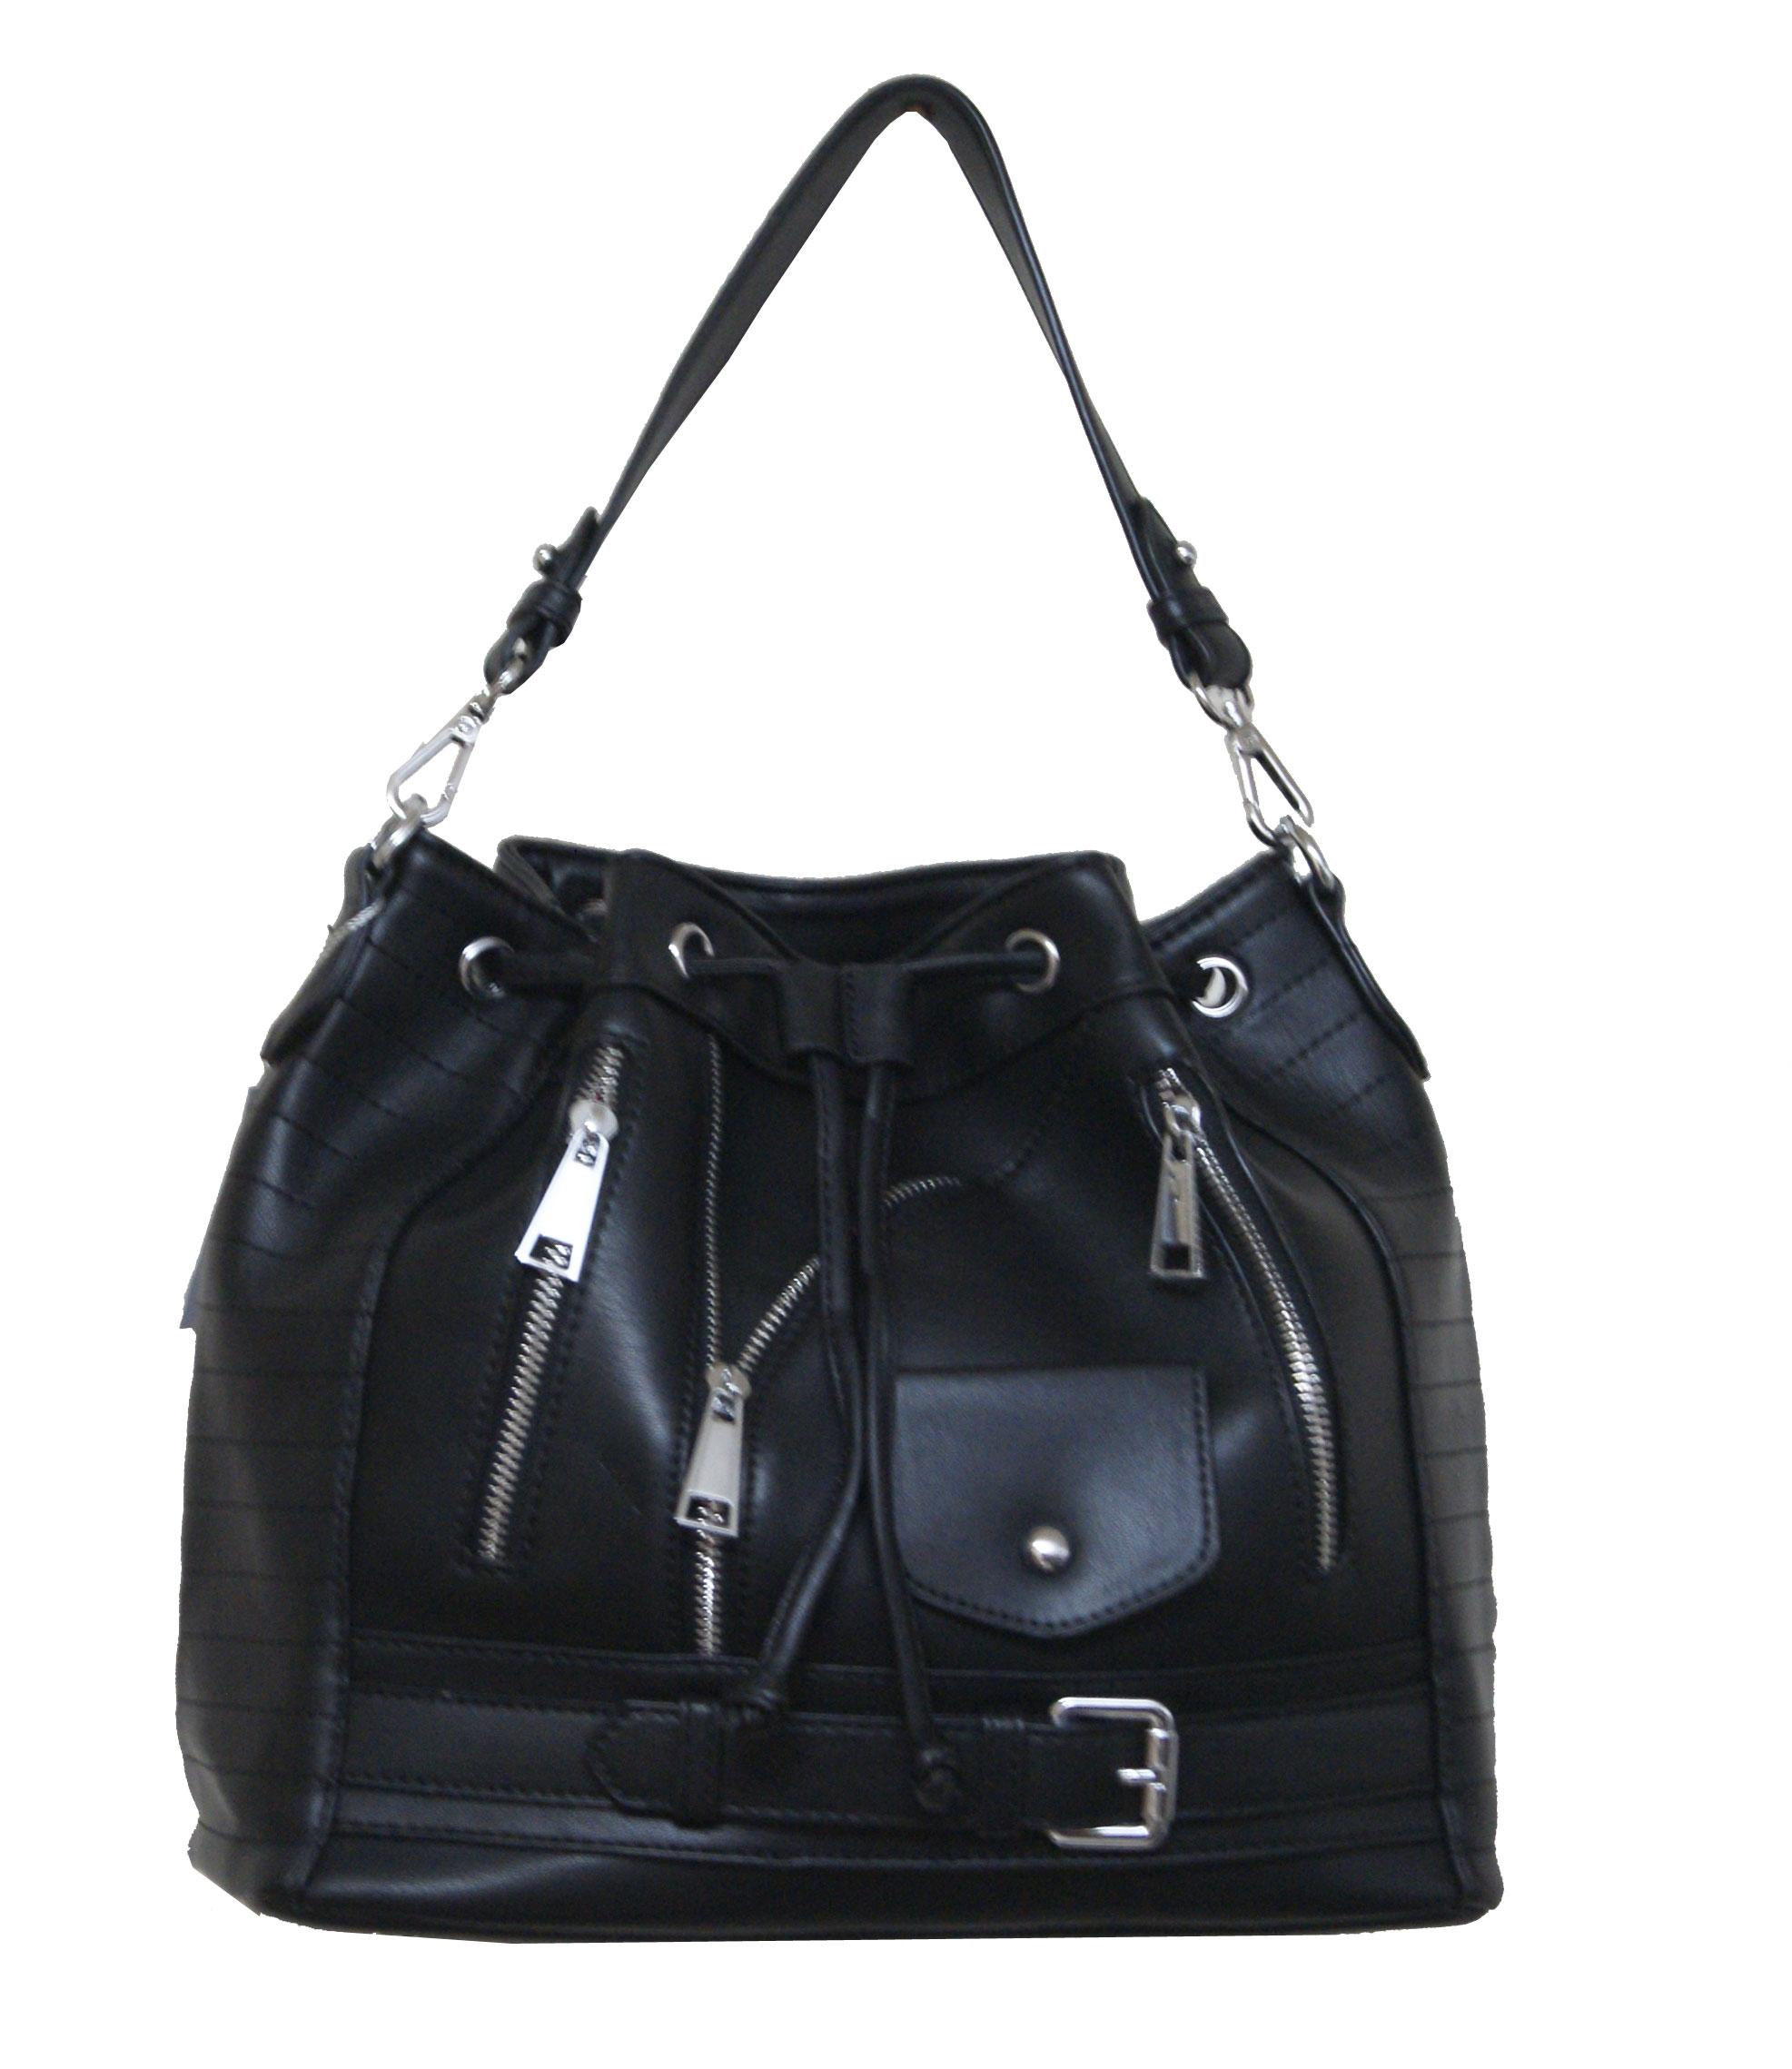 Τσάντα χειρός και ώμου Νο 10015 - Μαύρη